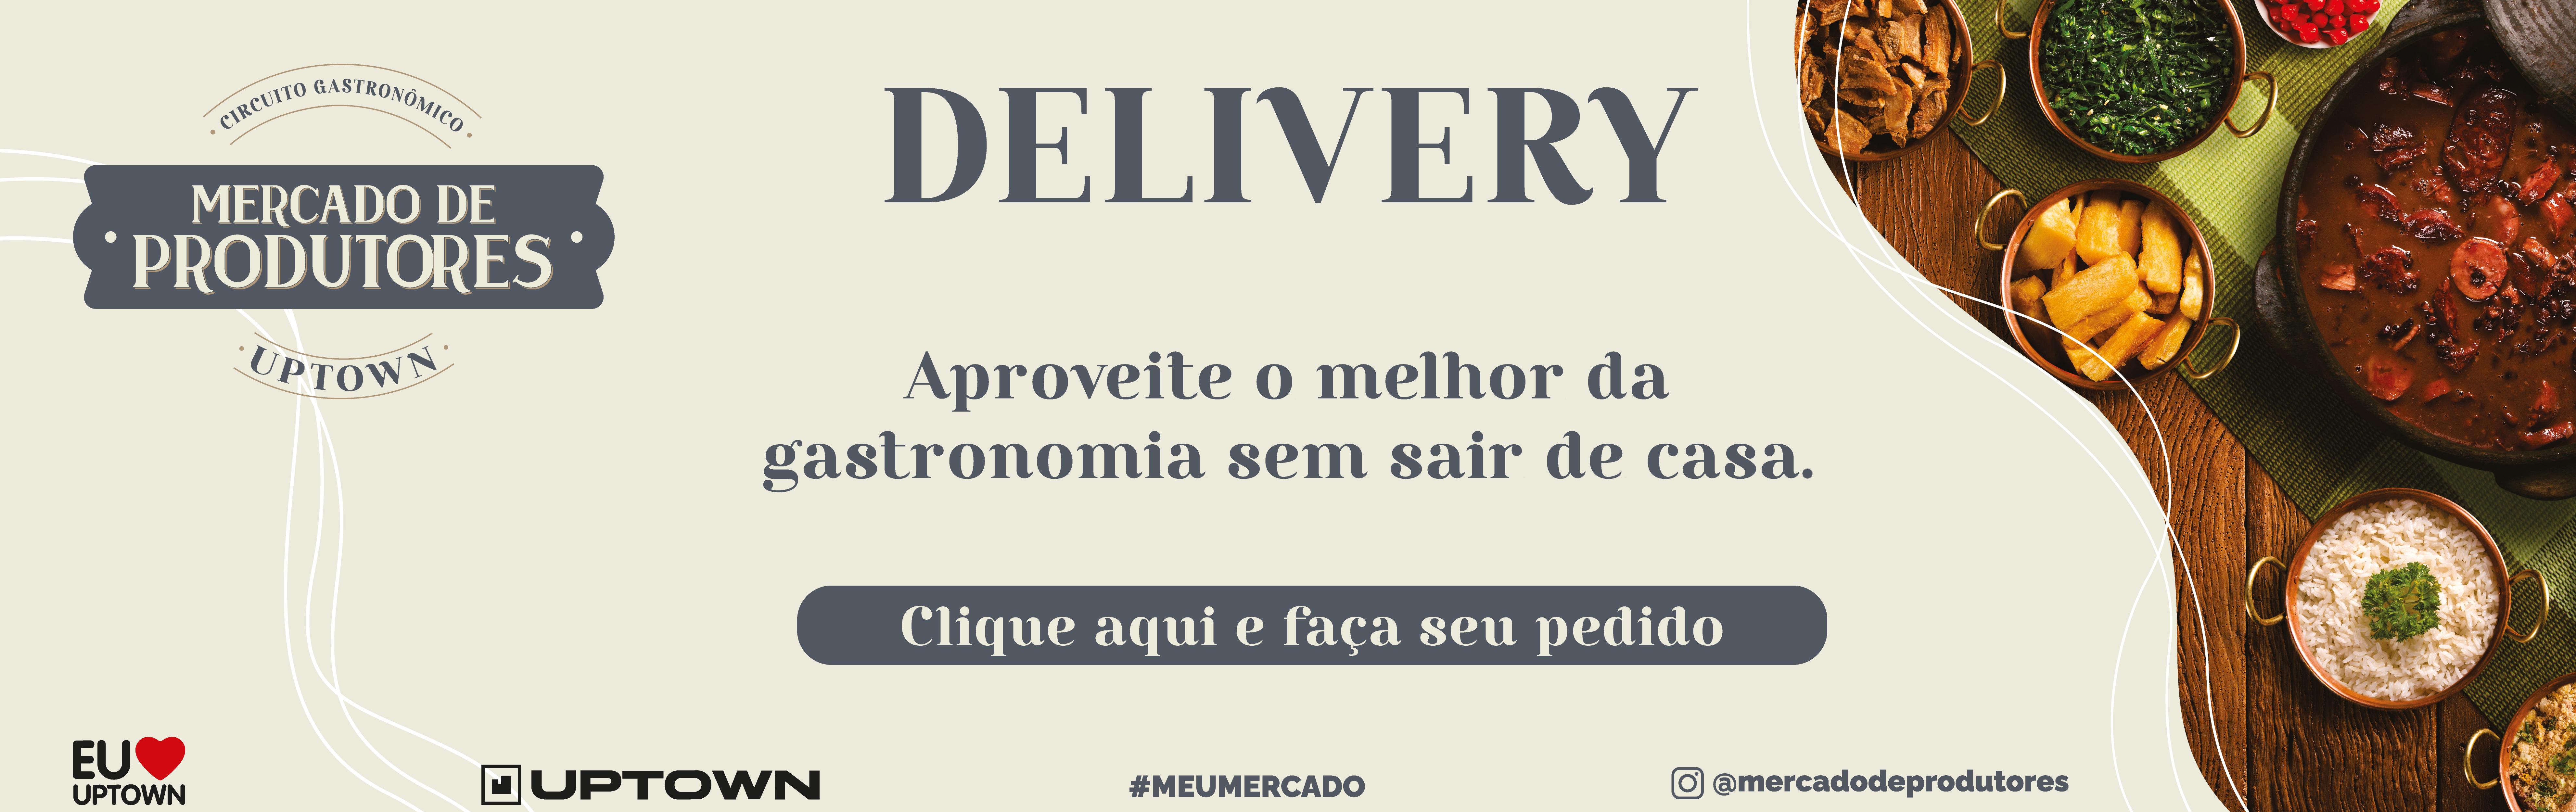 Delivery Mercado de Produtores